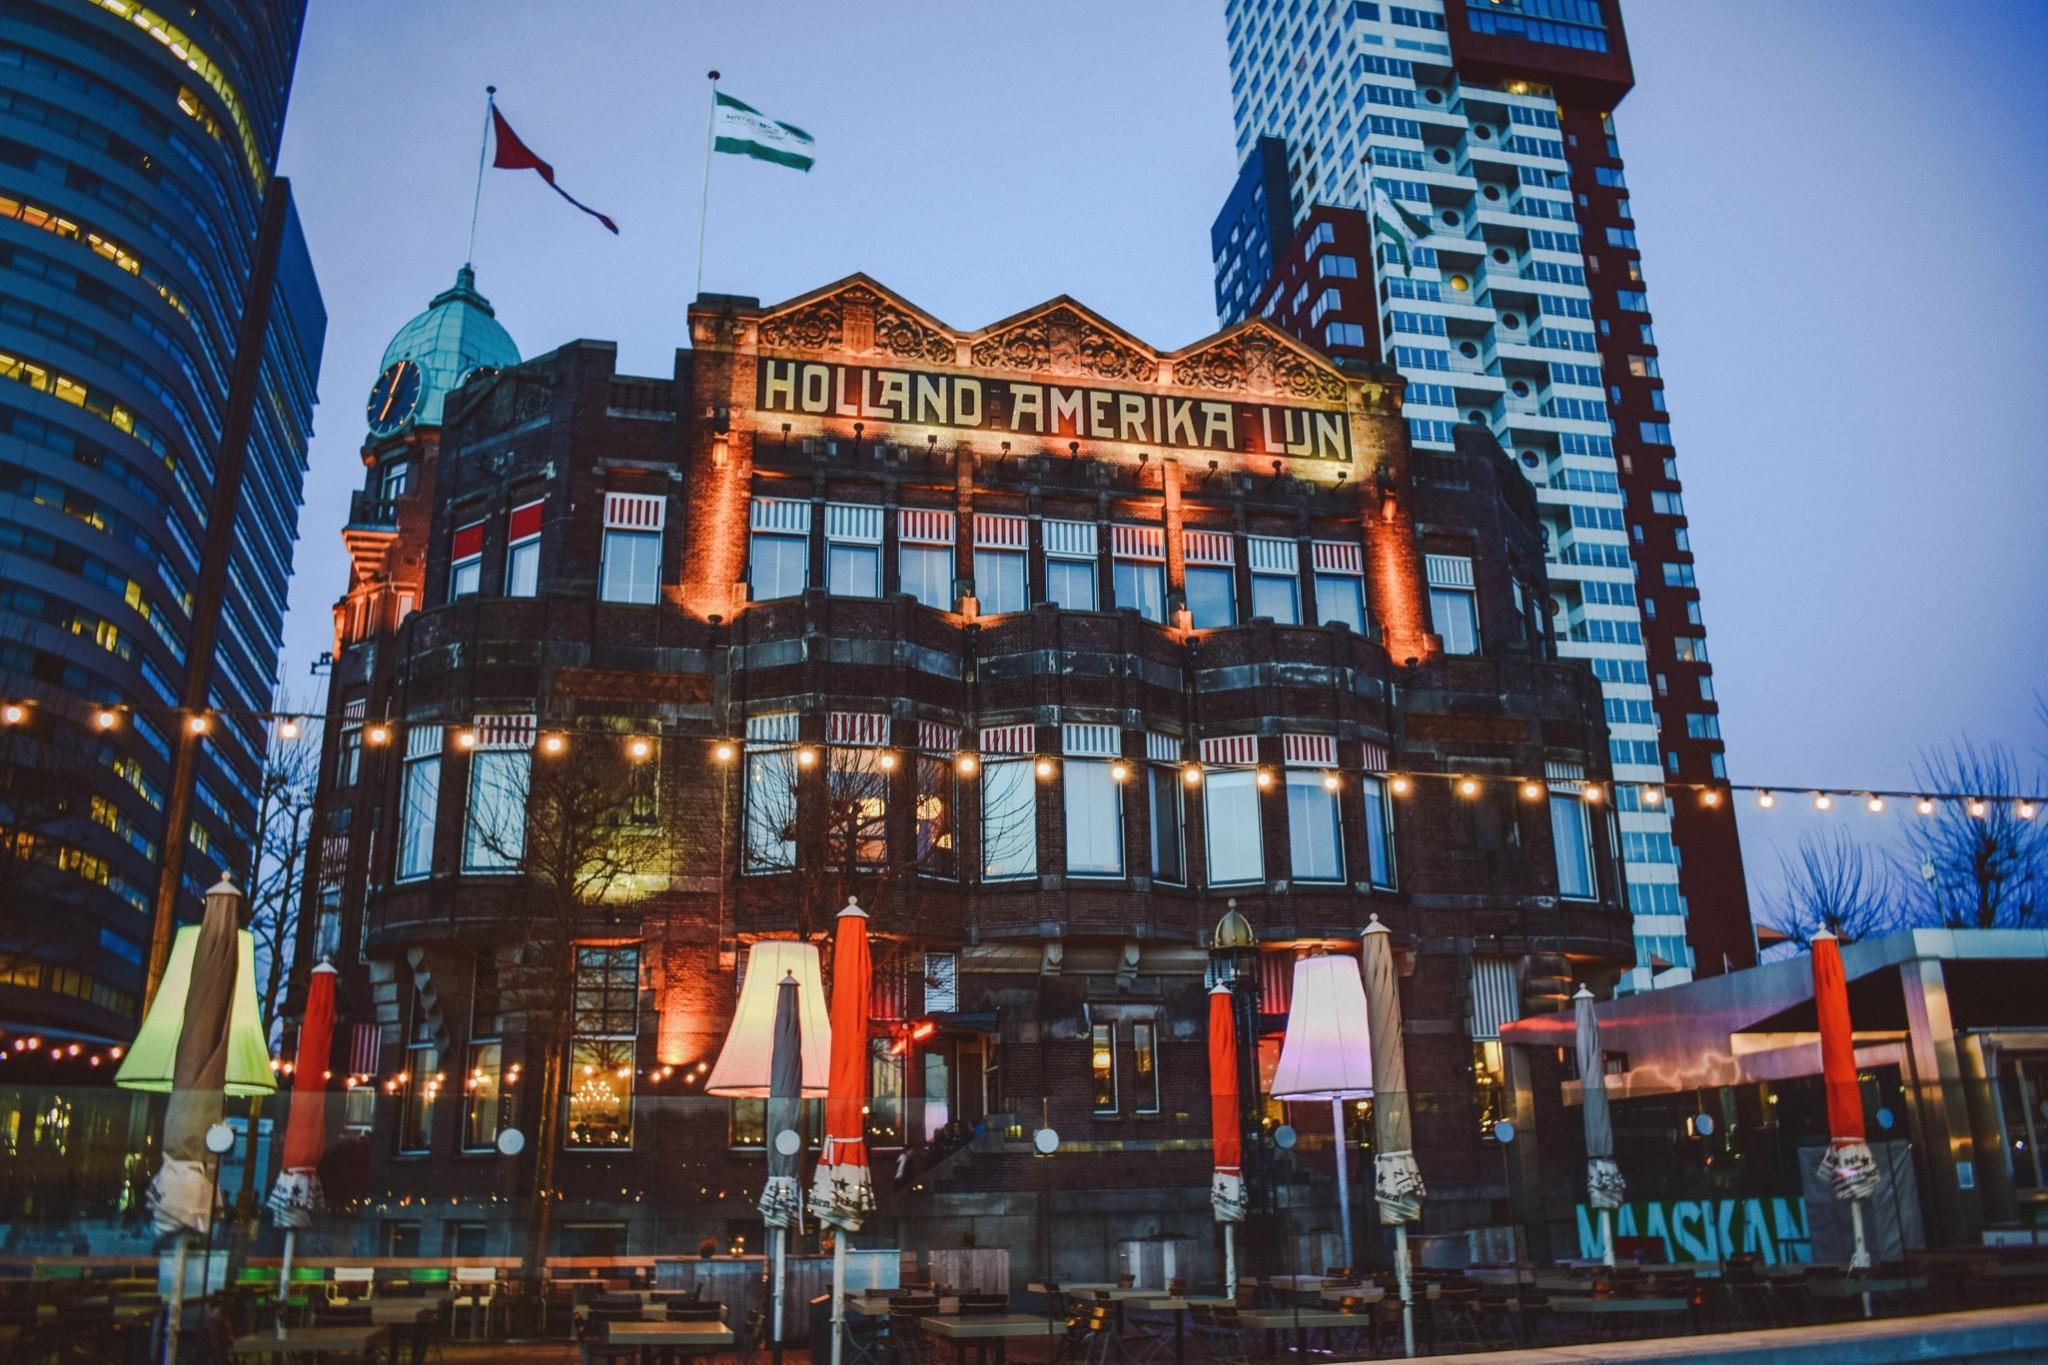 HOTEL NEW YORK ROTTERDAM: UNIEKE MIX TUSSEN OUD EN NIEUW